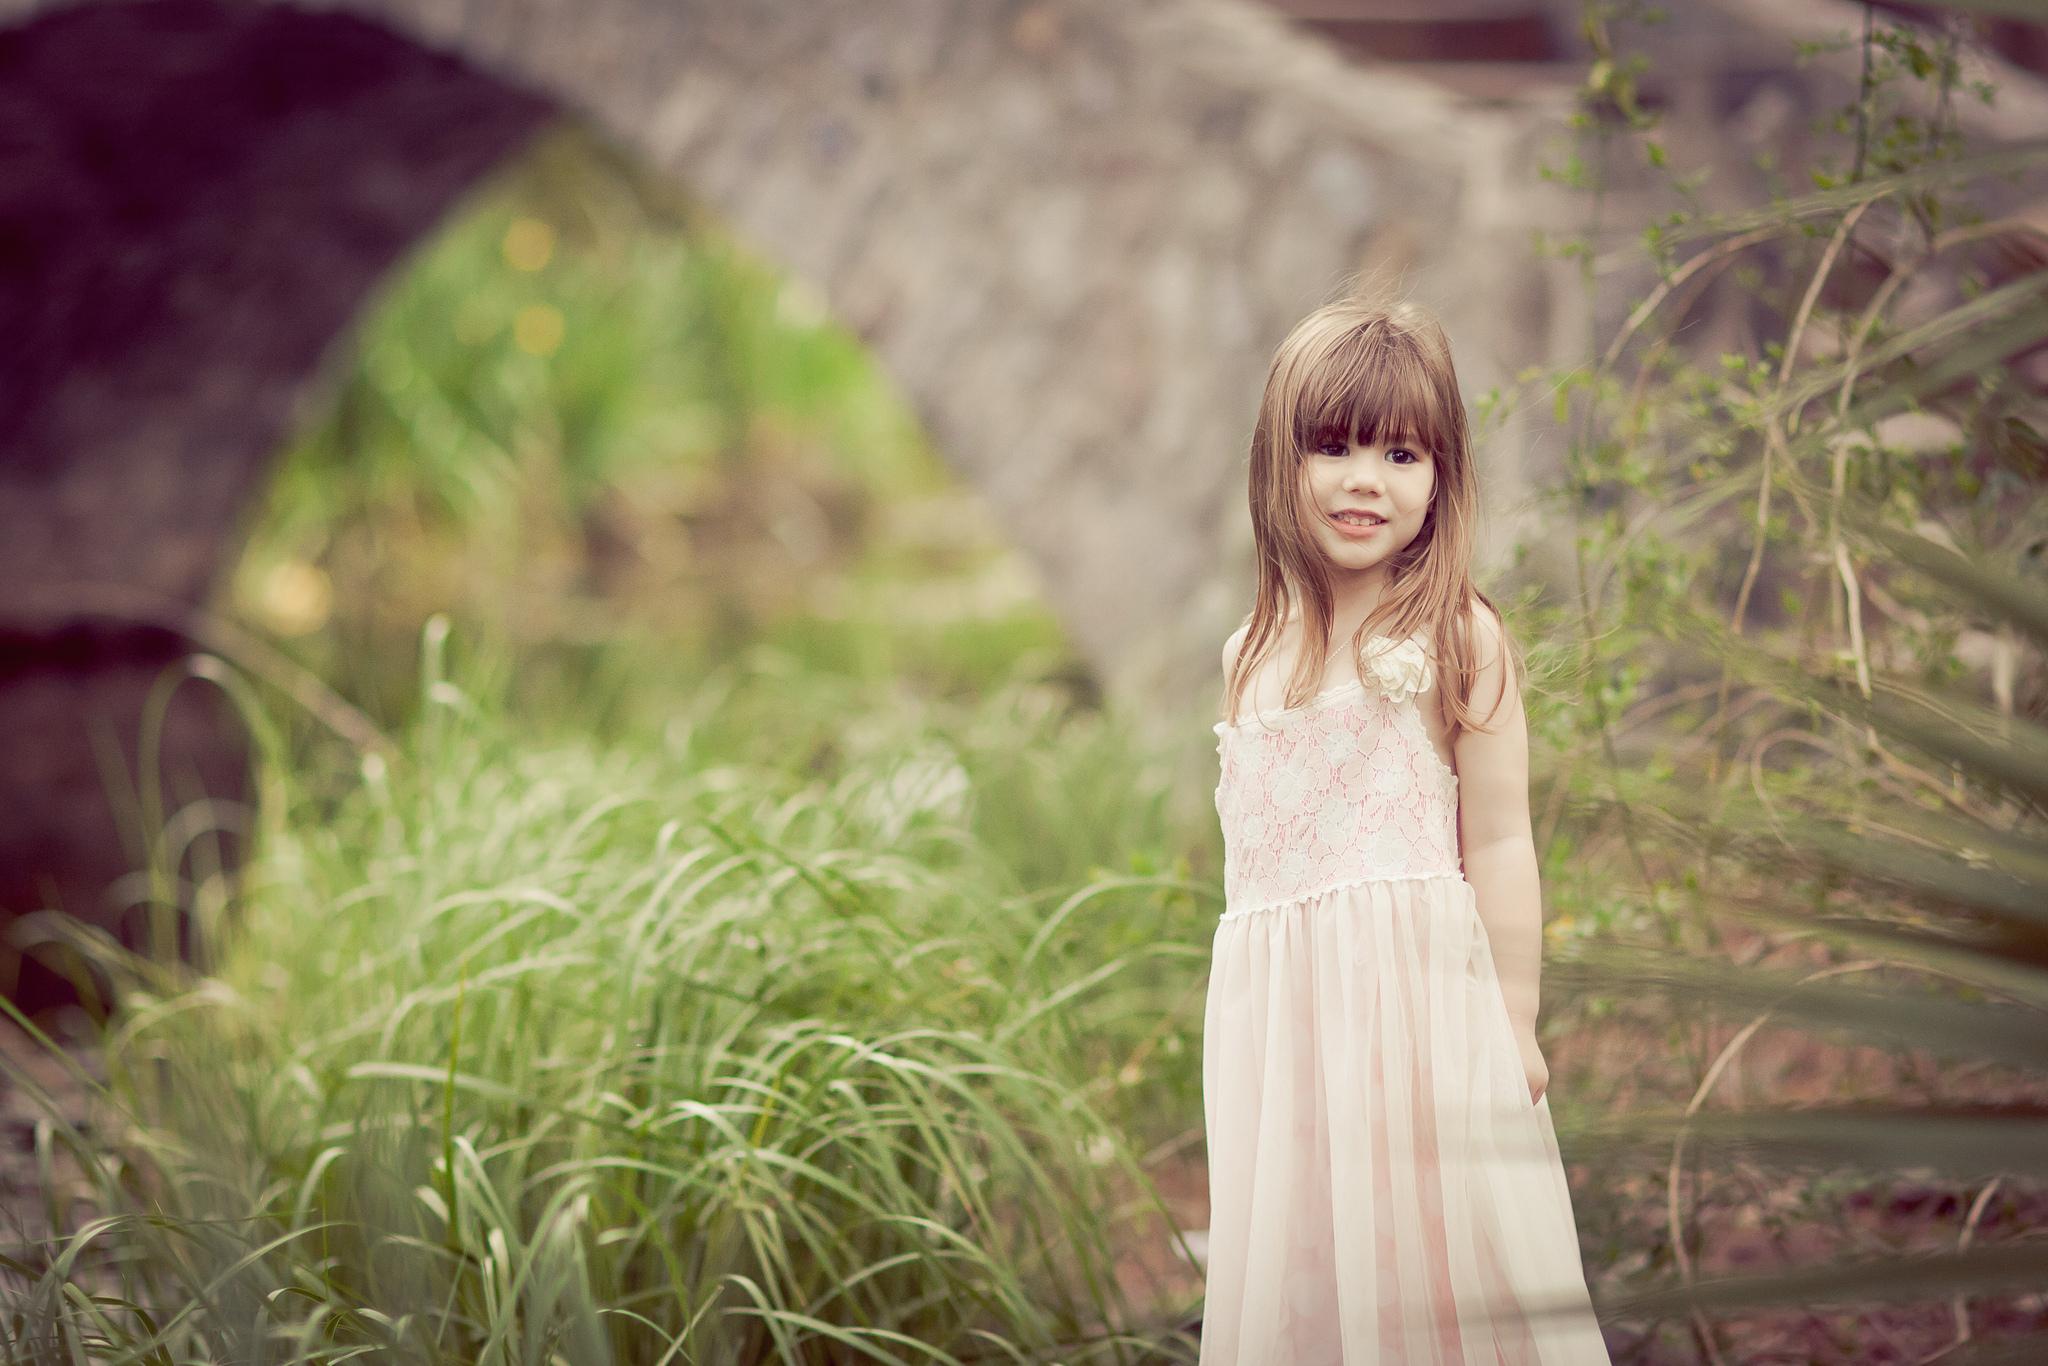 cjnphotos_children_innocence_02.jpg